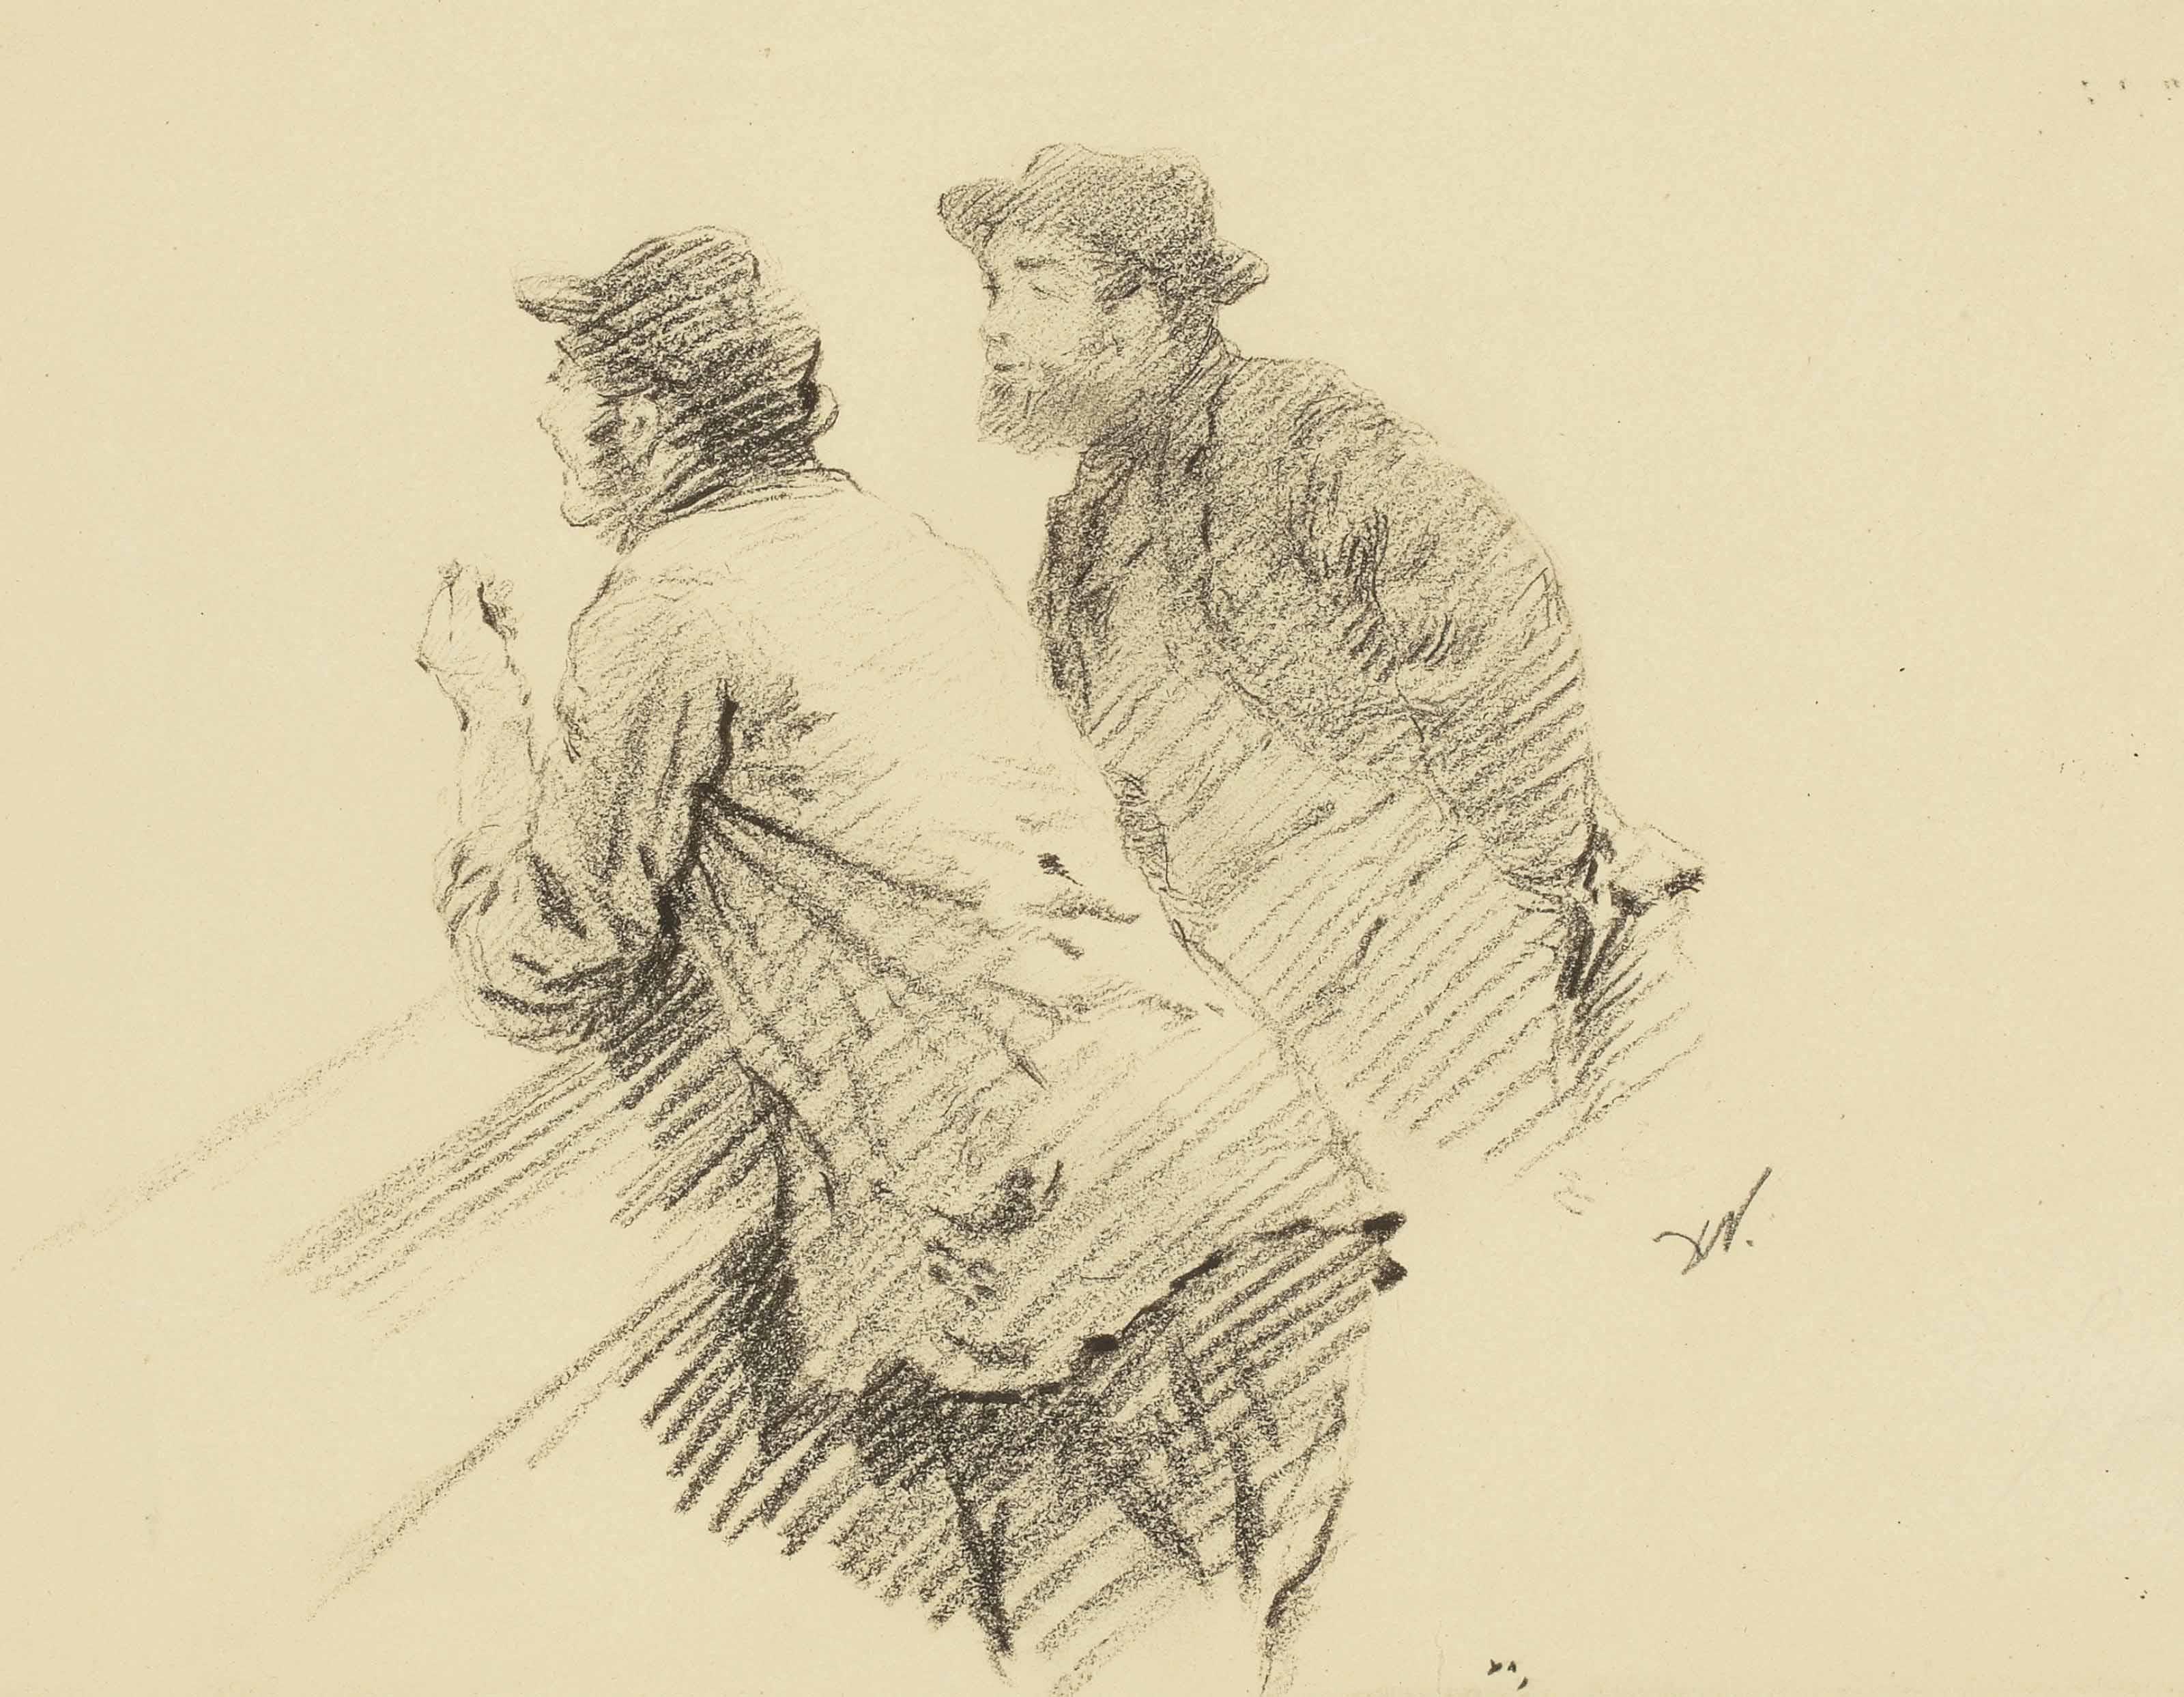 Deux hommes accoudés discutant